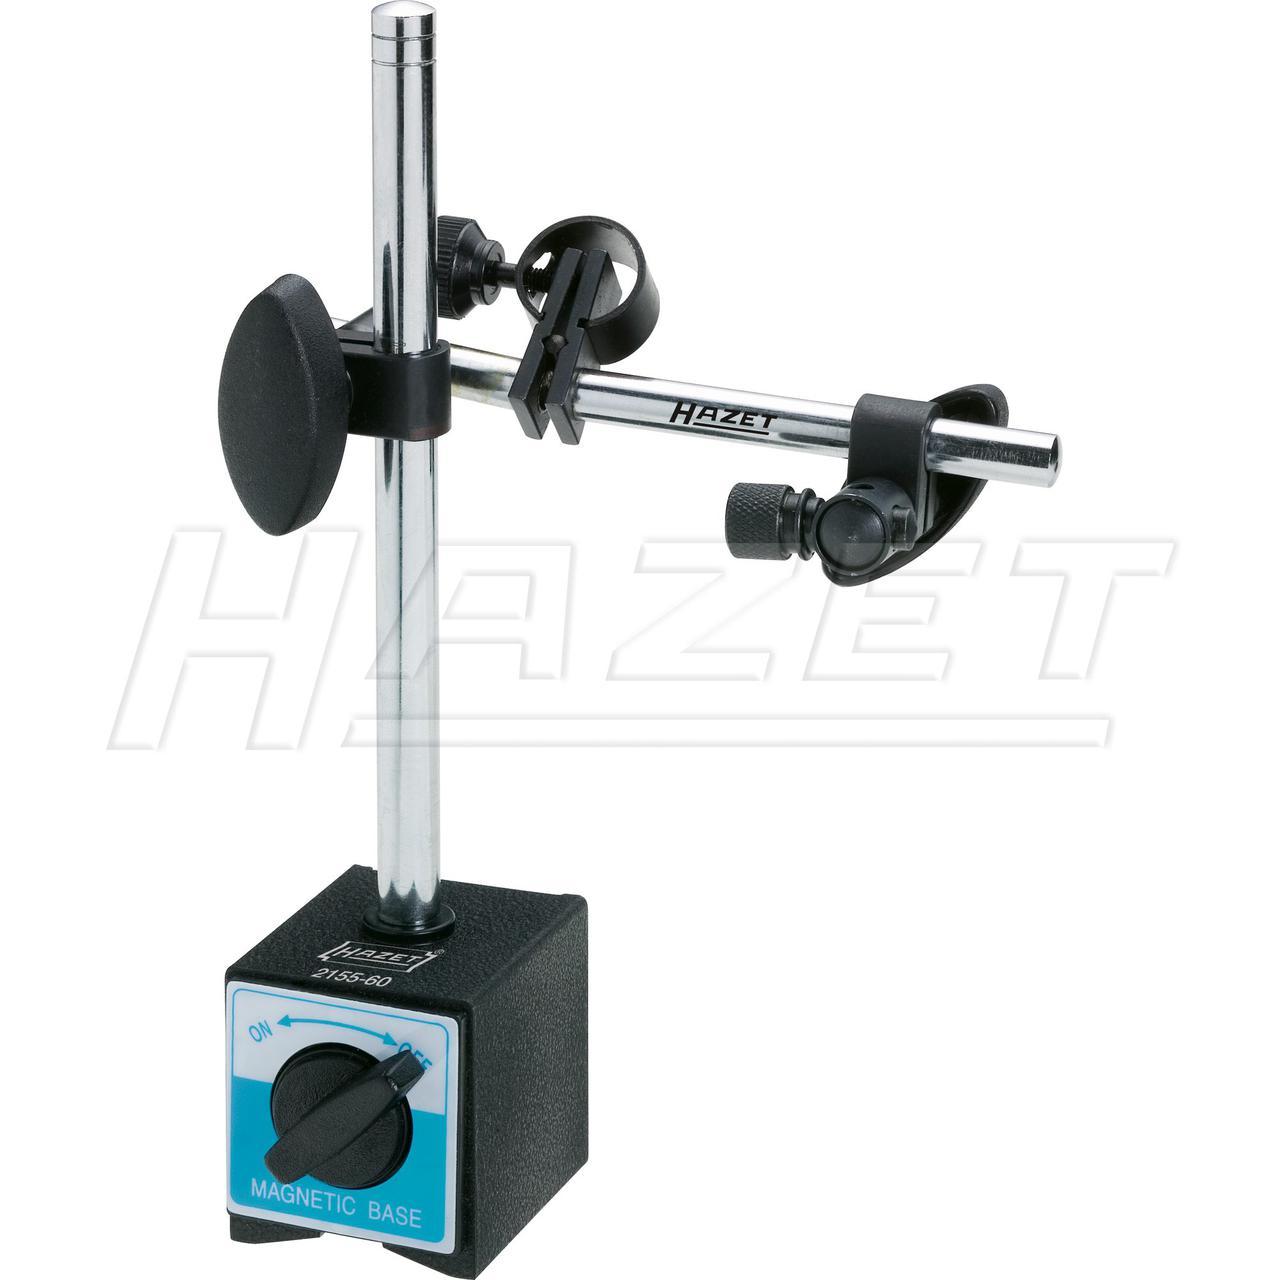 Магнитным держатель и стрелочный индикатор, Hazet, 2155-60/65